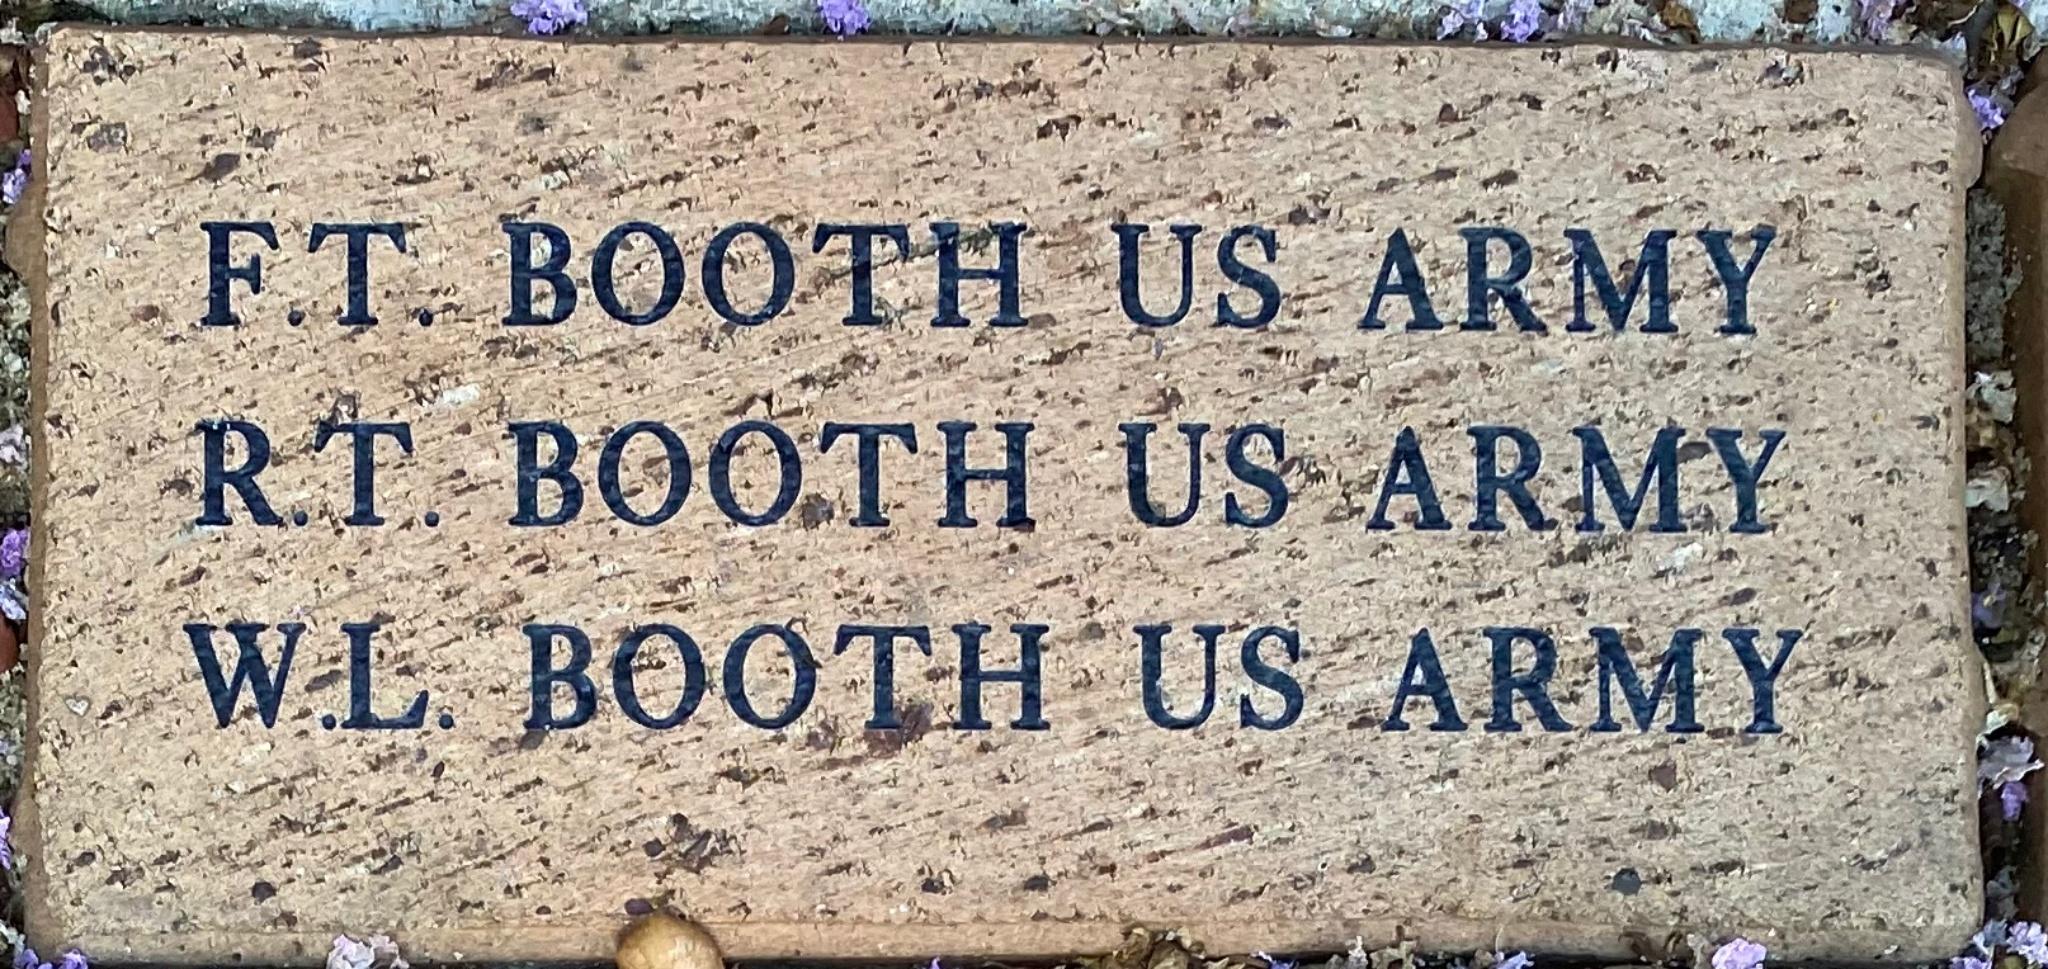 F.T. BOOTH US ARMY R.T. BOOTH US ARMY W.L. BOOTH US ARMY